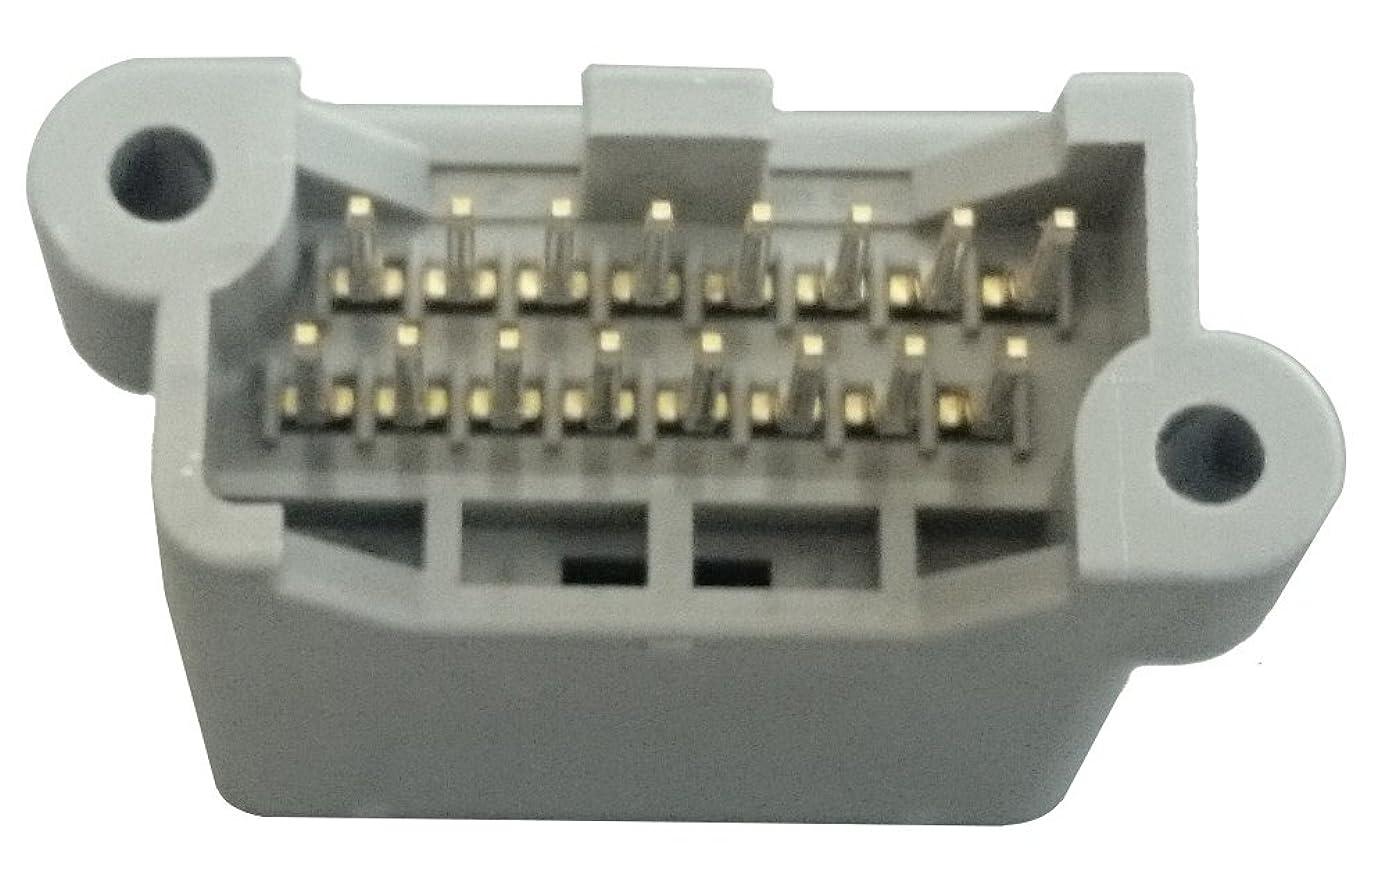 ガレージ転用ハイキング日本航空電子工業 基板対電線 16極 2列 ストレート シュラウドヘッダ MX34016UF1